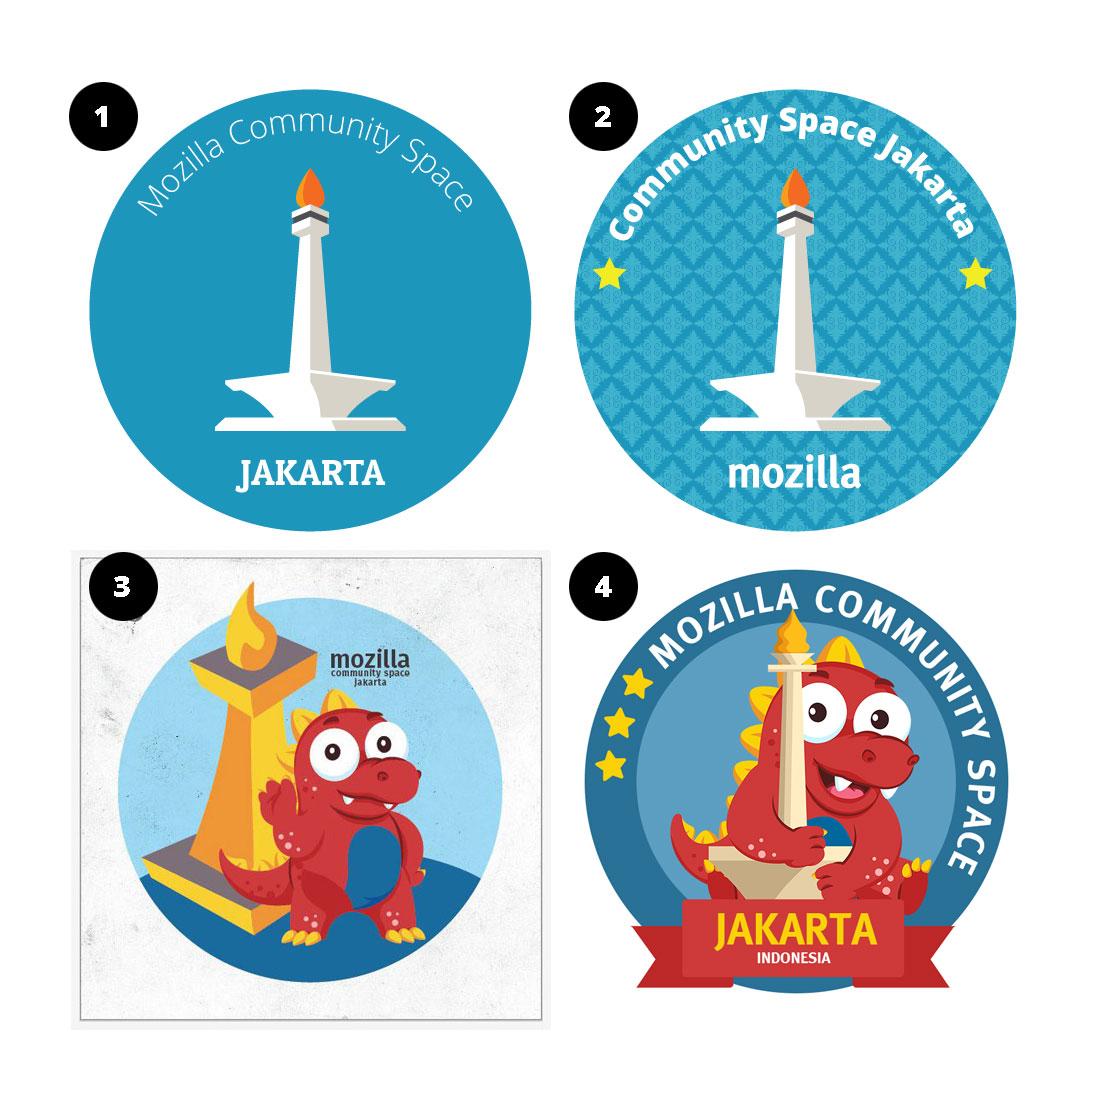 Vote Logo/Sticker for Mozilla Community Space Jakarta